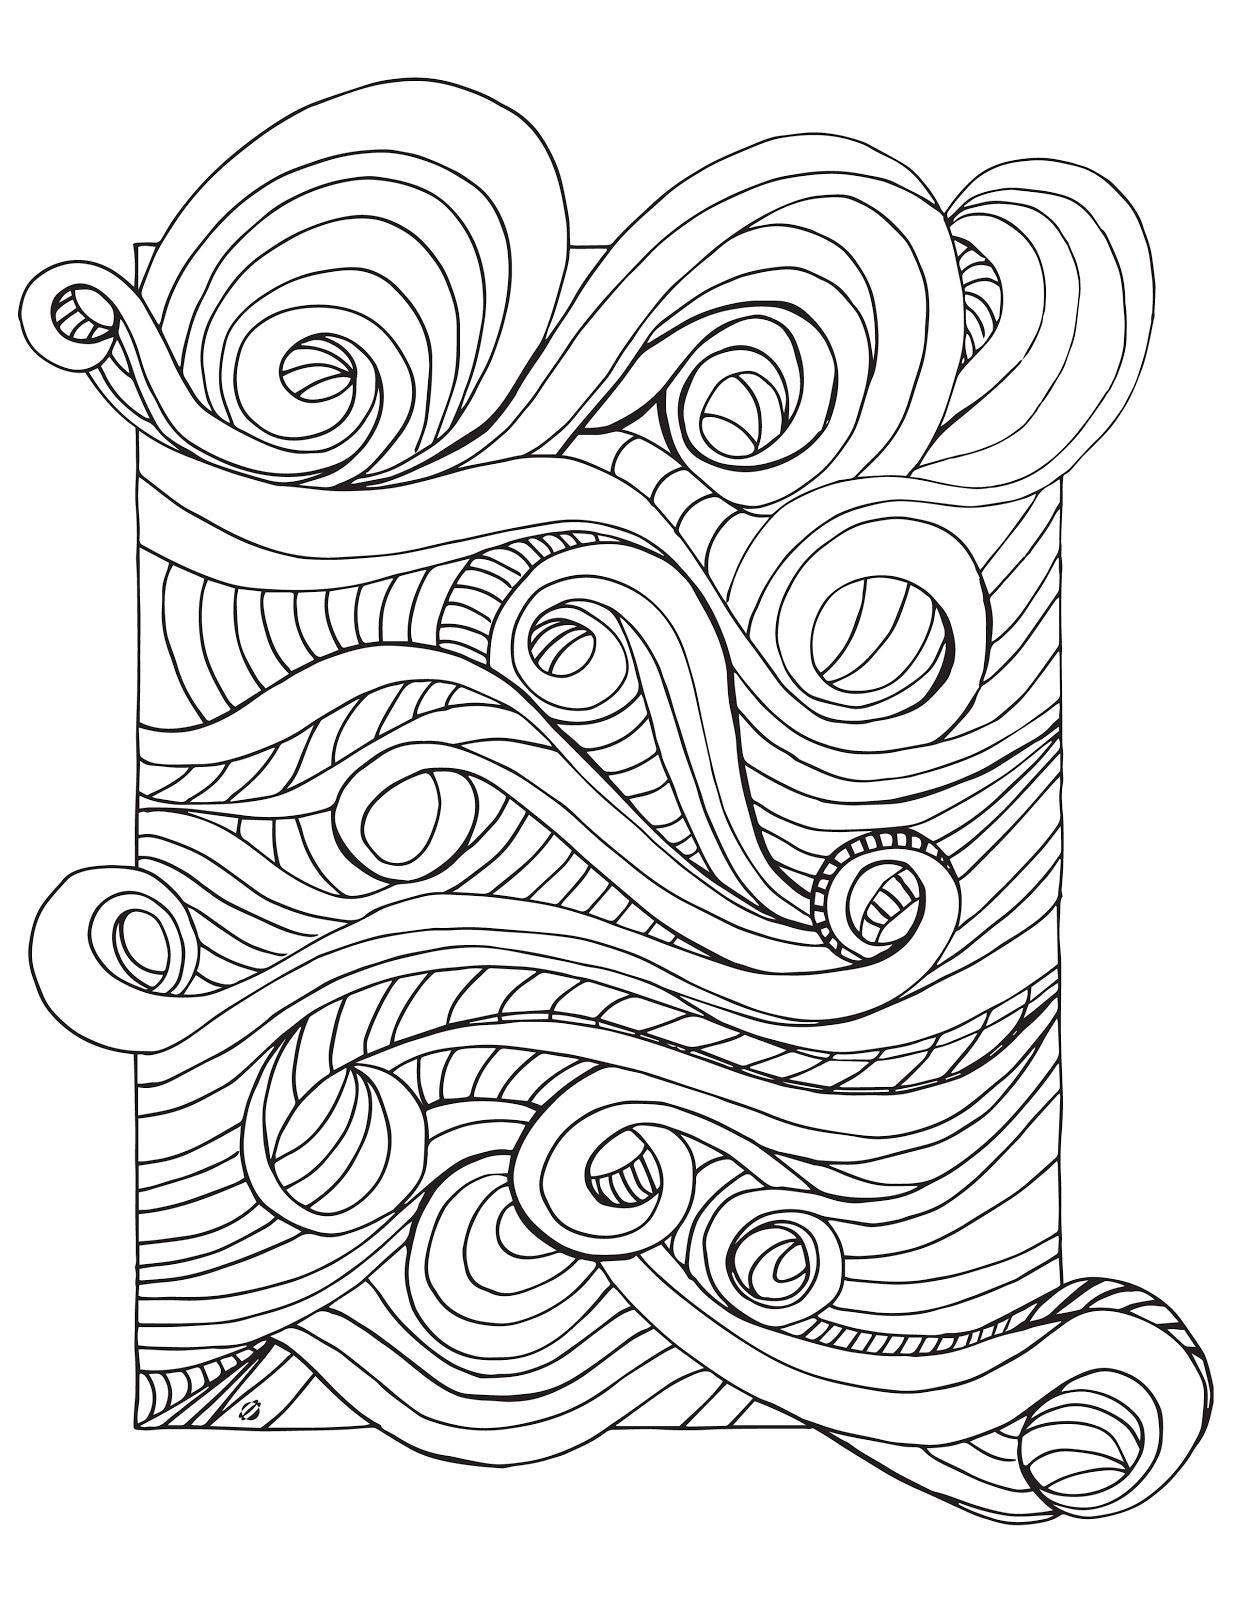 Ocean Wave Drawing At Getdrawings